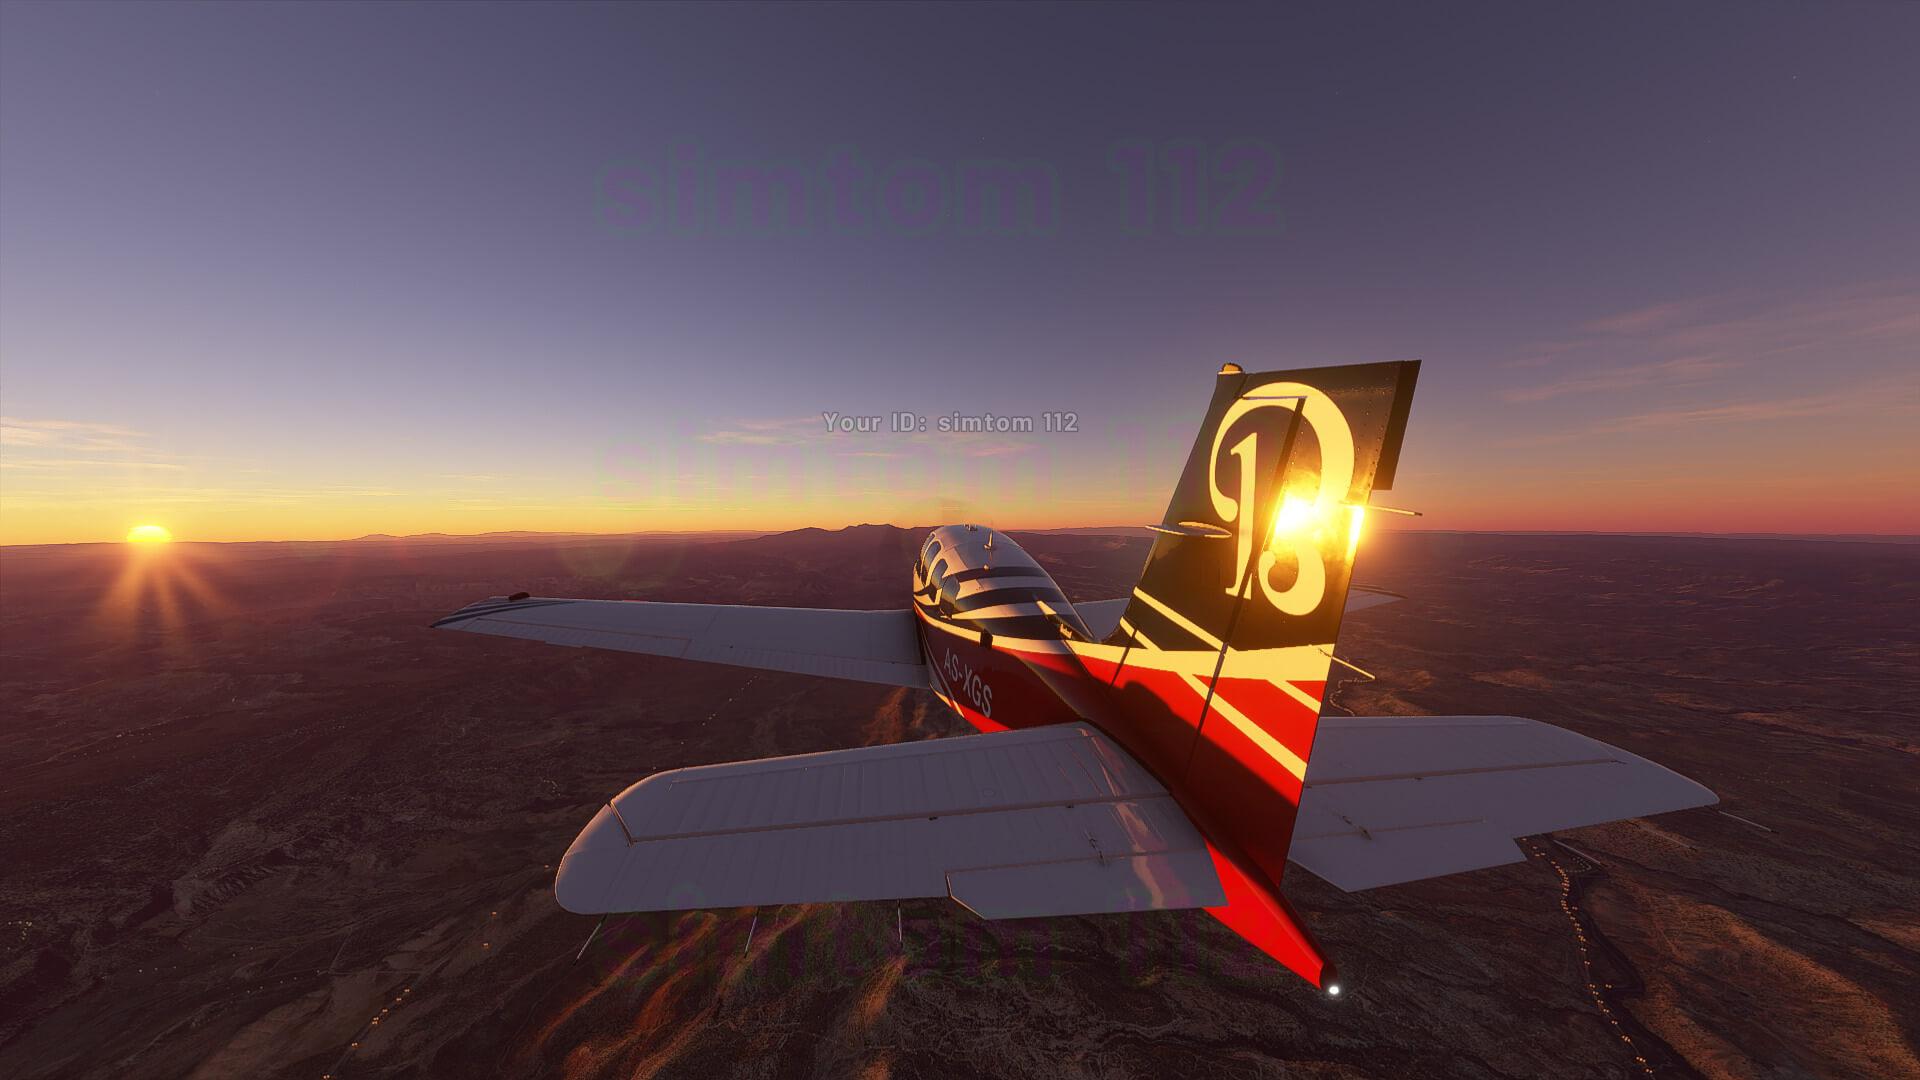 《微软飞行模拟》全新实机截图再曝光:照片影像级效果